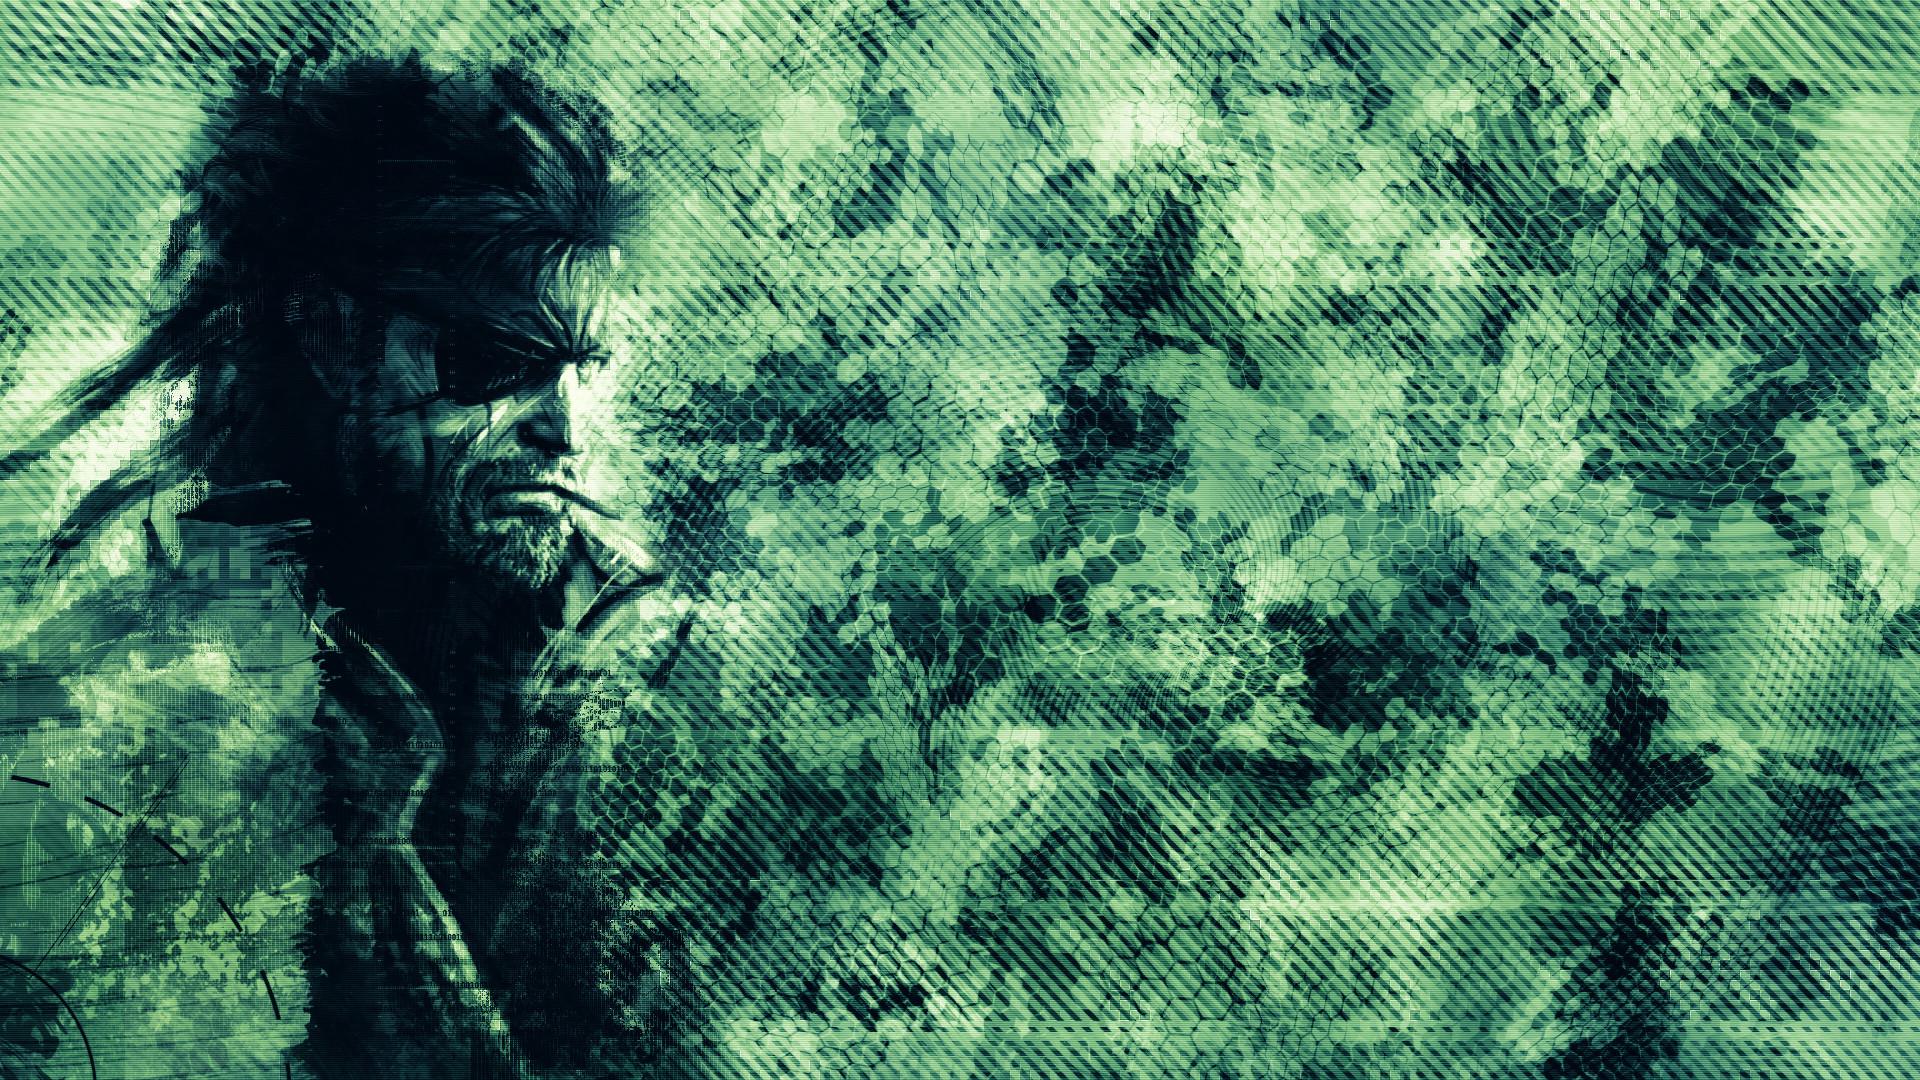 Camo Computer Wallpaper 61 Images